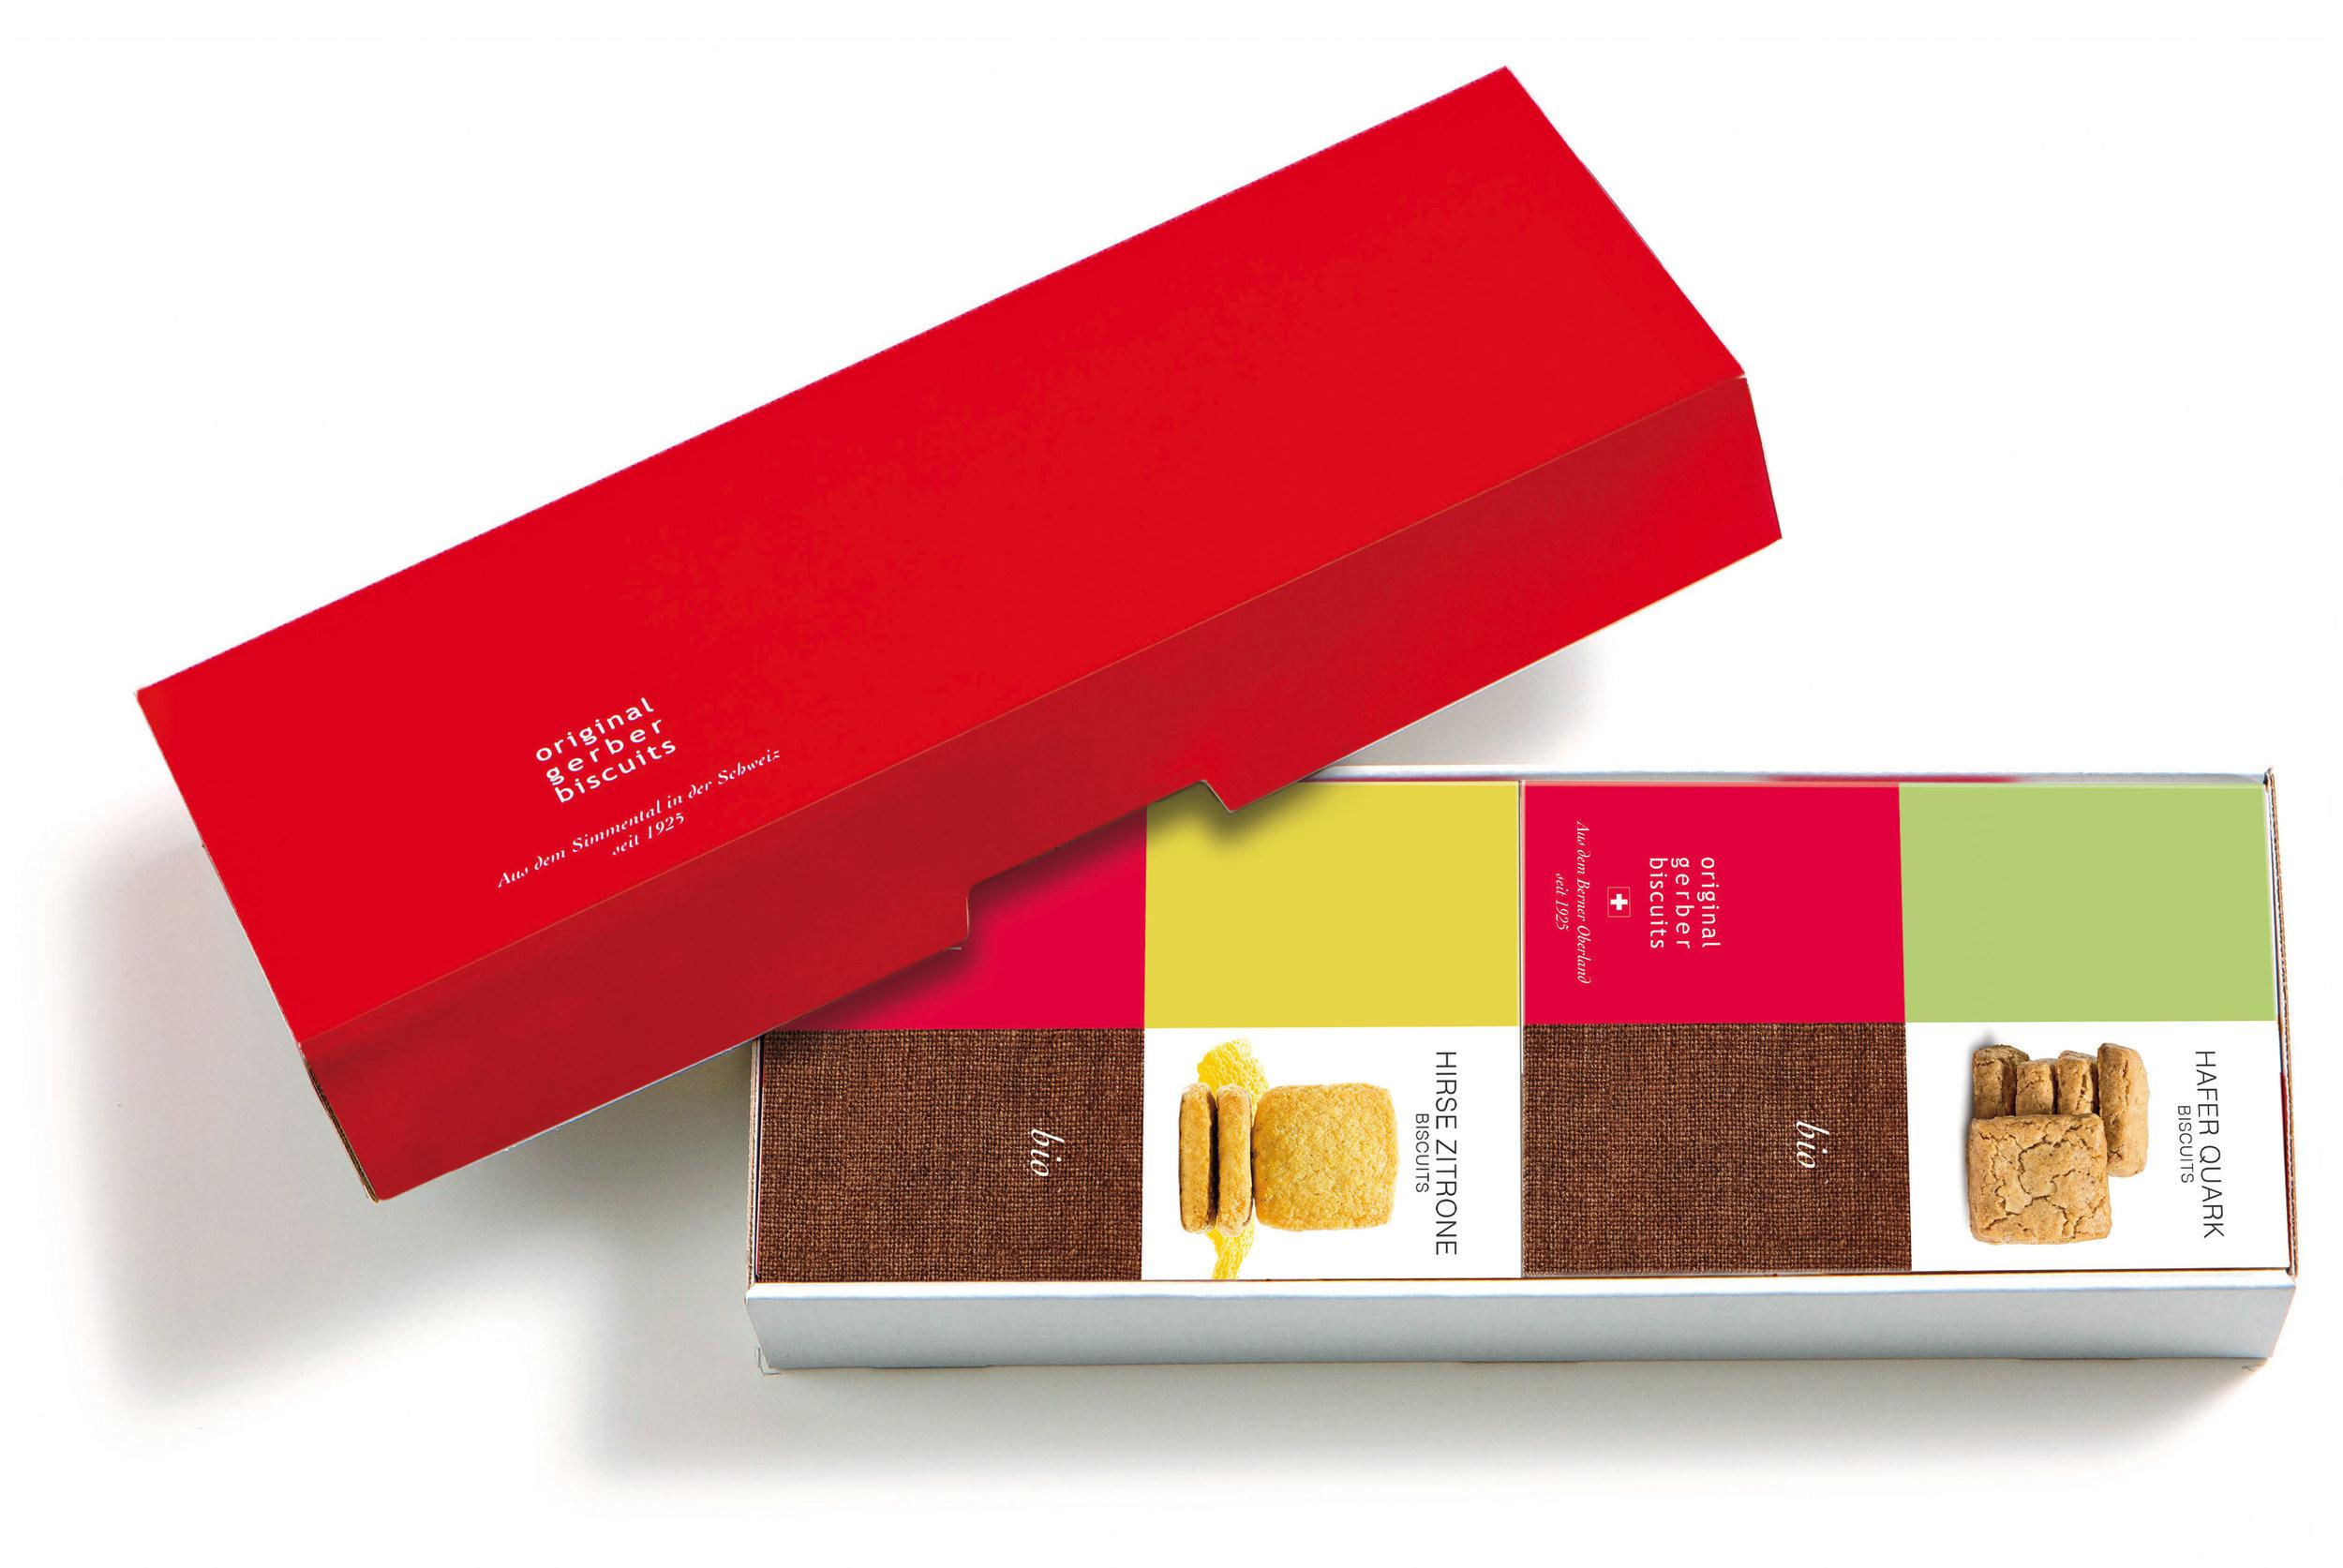 GESCHENKSCHACHTELFÜR ZWEI BISCUIT-PACKUNGEN à 160g - Das frische, dezente Design der Geschenkpackungen passt zu jeder Gelegenheit.So macht Schenken Freude!Unser Tipp: Mit einem hübschen Geschenkband versehen erhält jede Geschenkschachtel ihre ganz persönliche Note.